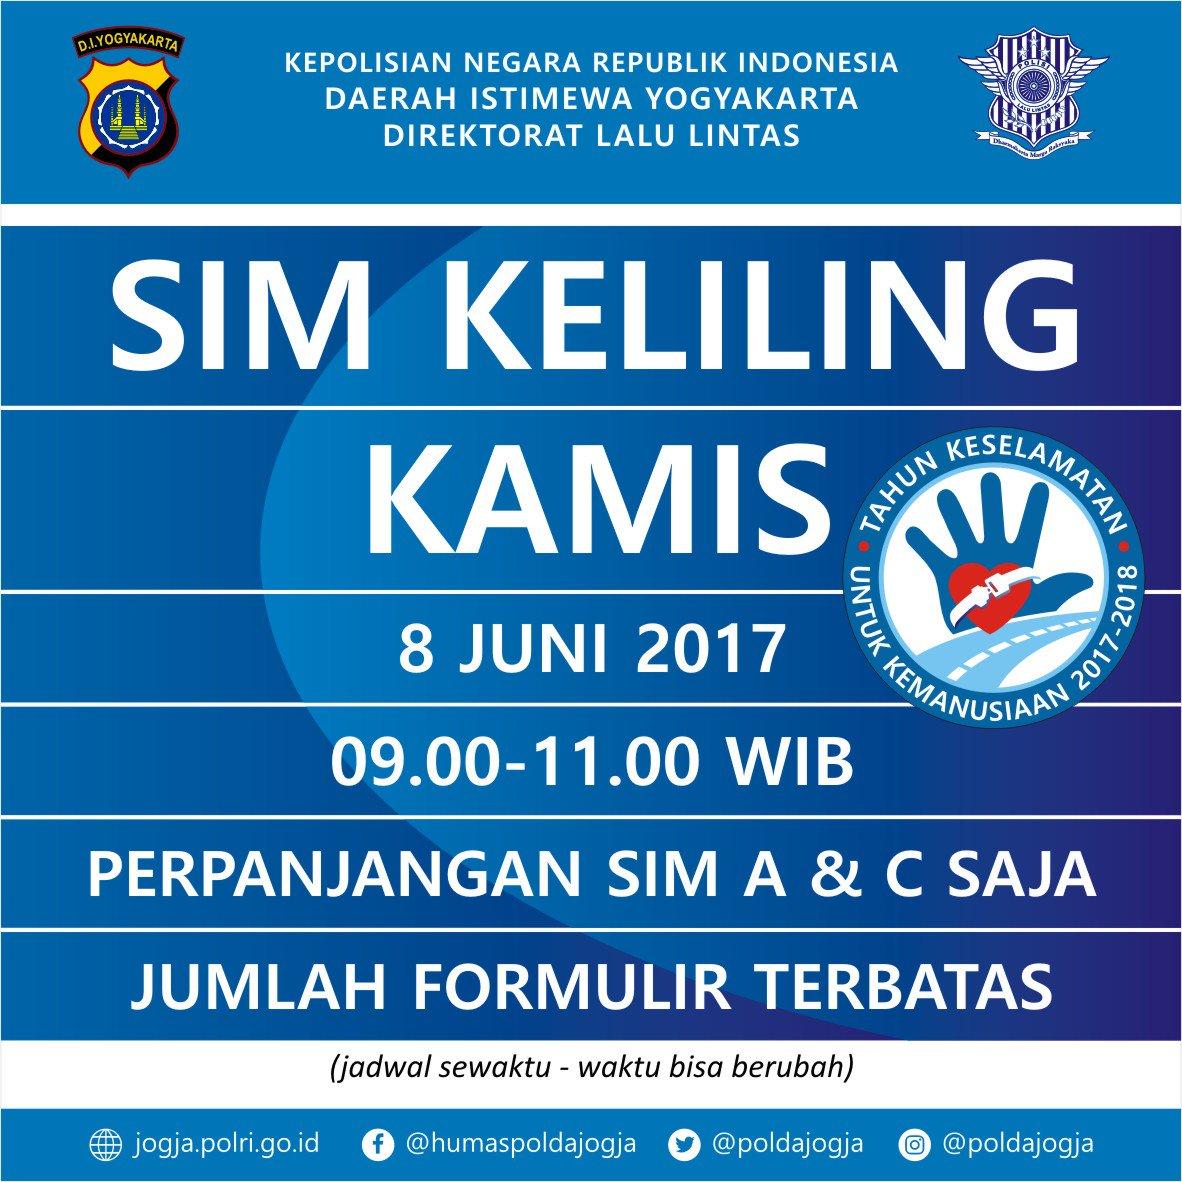 Polda Di Yogyakarta в Twitter Untuk Syarat2 Sim Lama